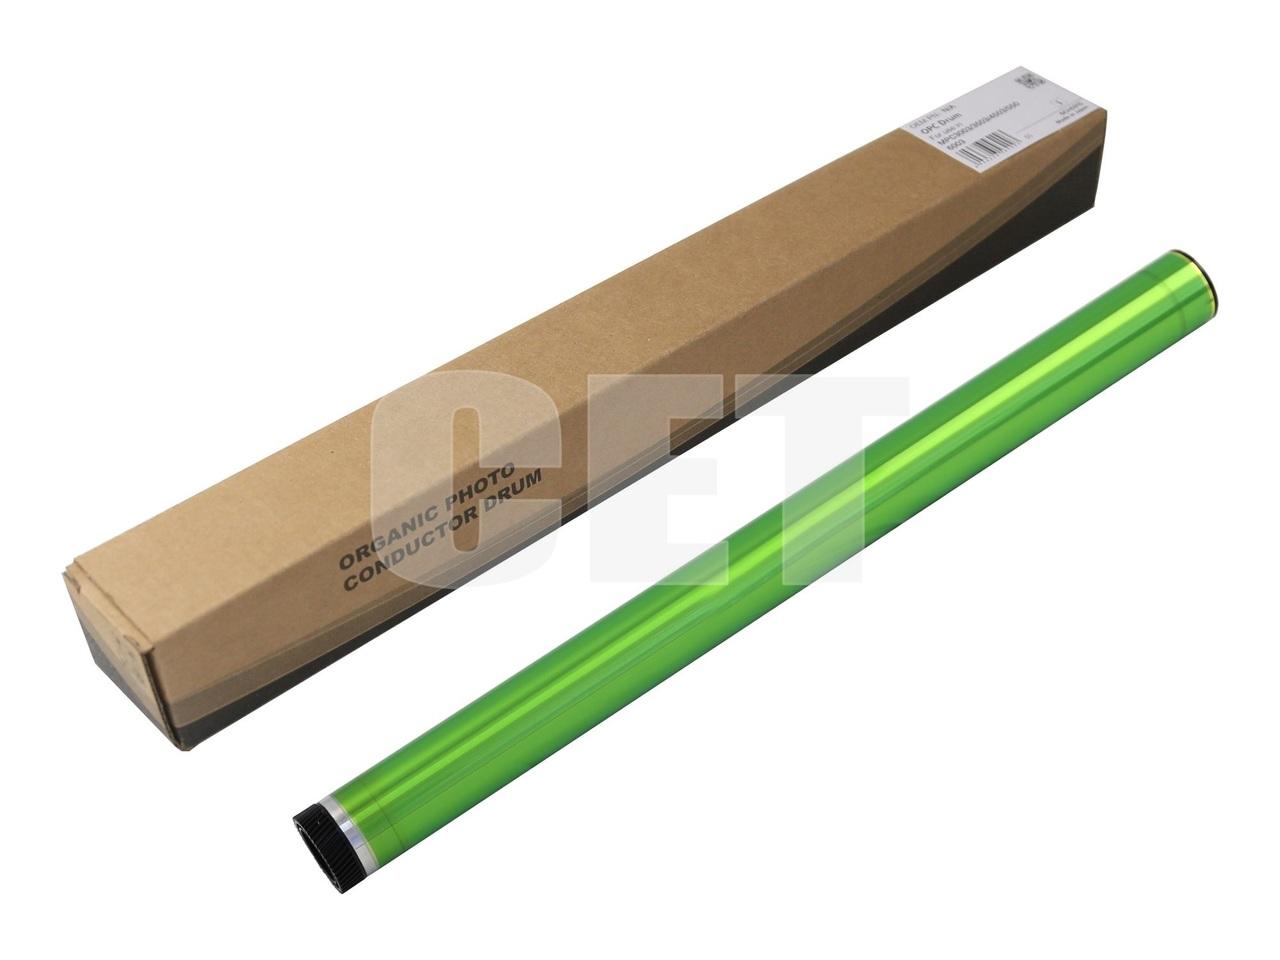 Барабан (Япония, цвет покрытия светло-зеленый) для RICOHMPC3003/3503/5503/3504/5504/6004 (CET), 400000 стр.,CET101025